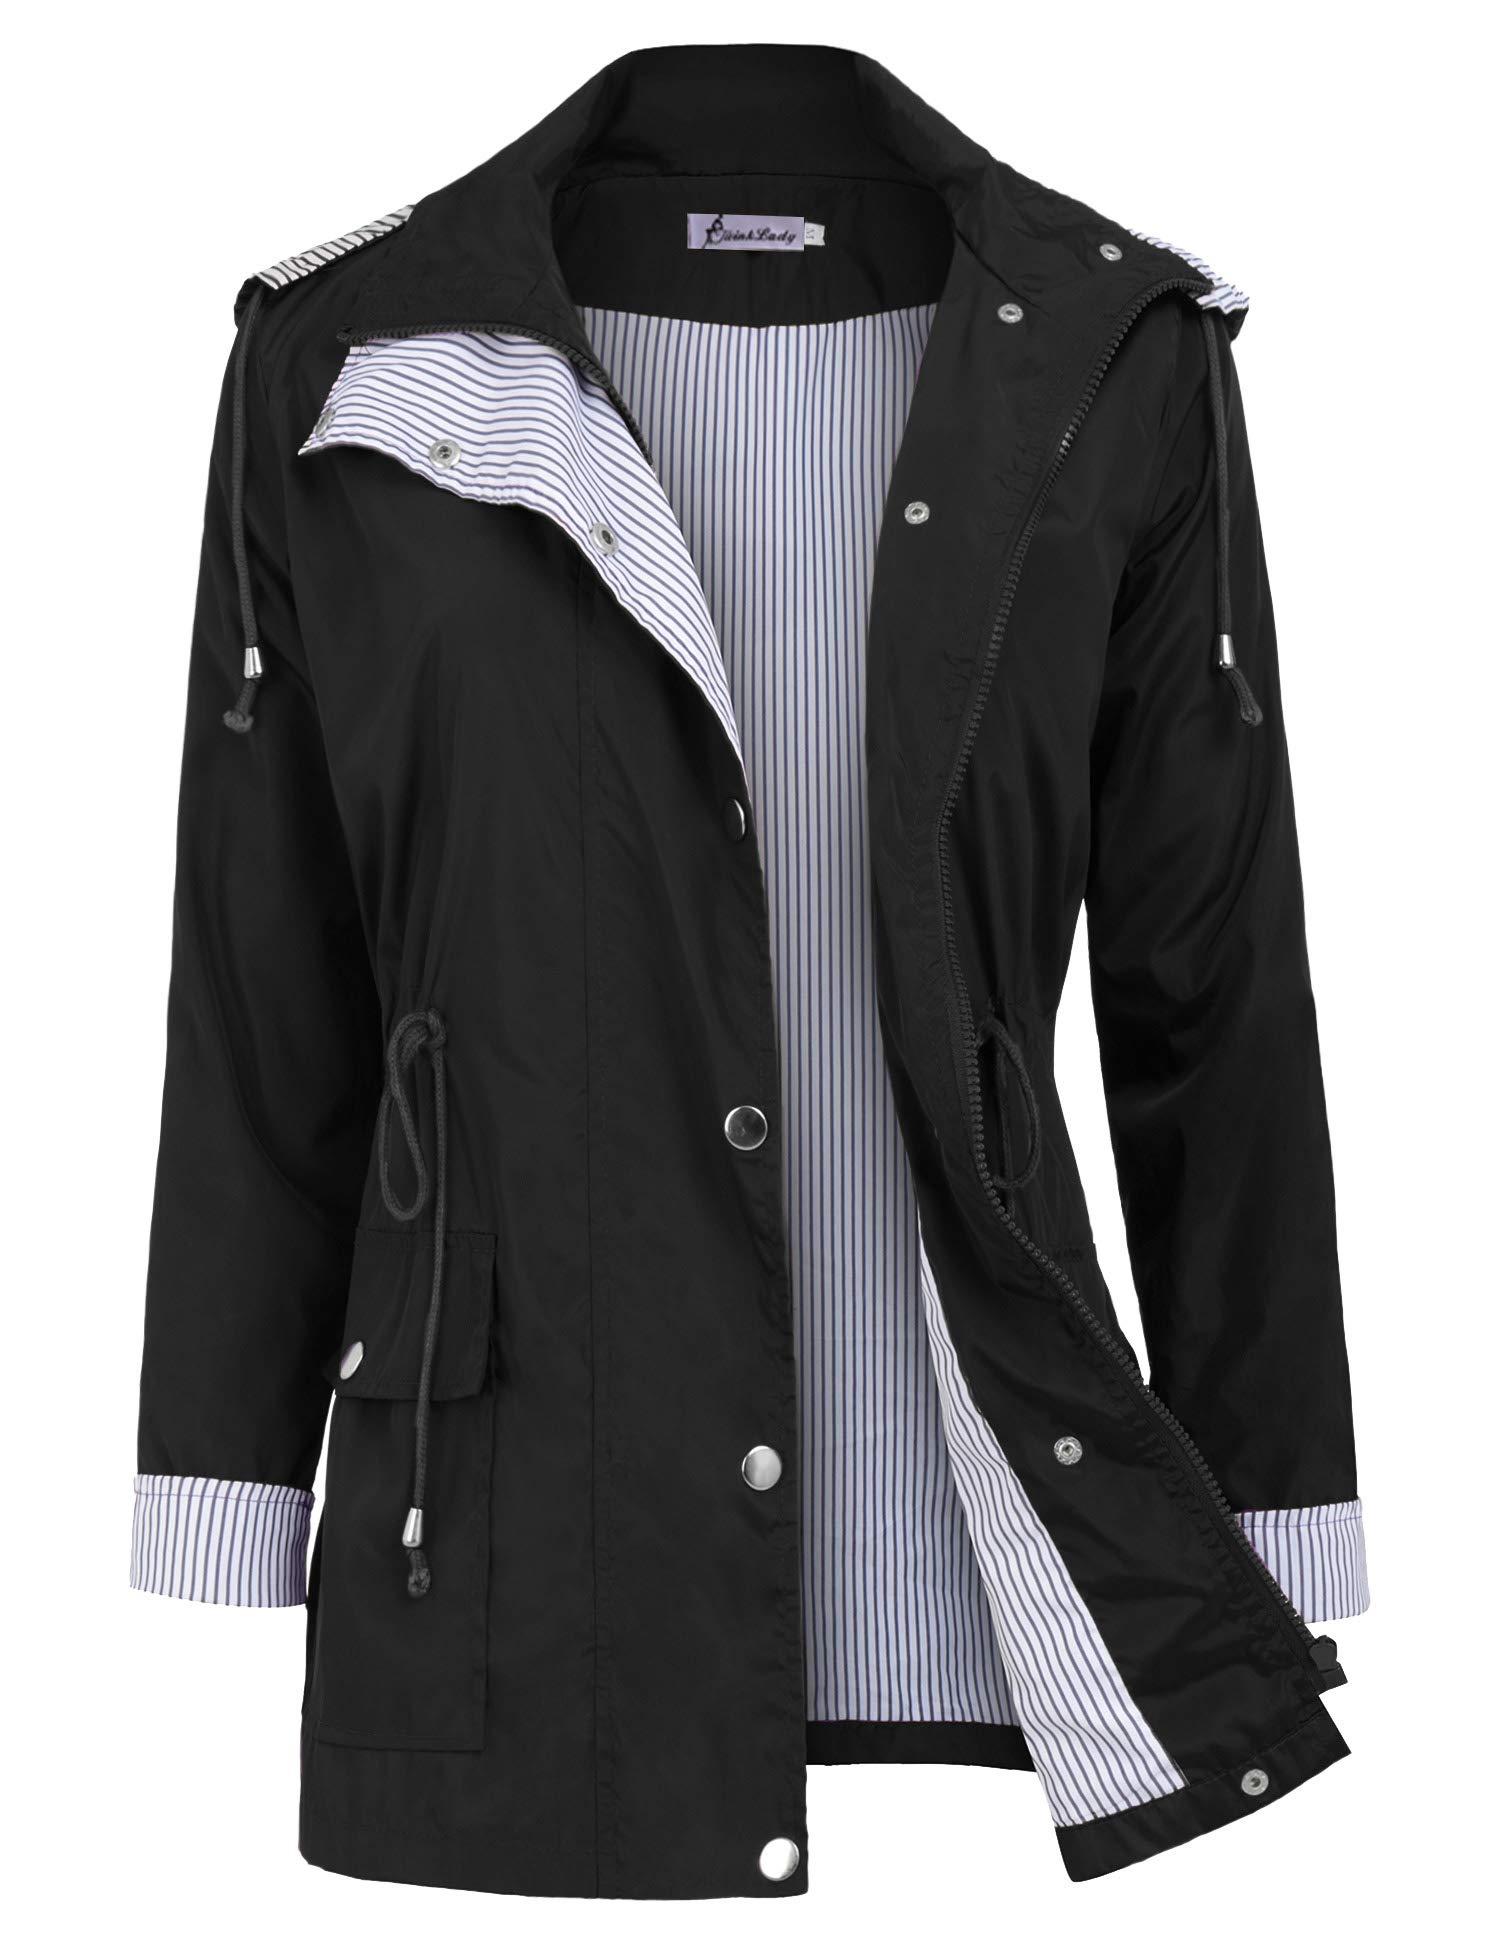 Twinklady Rain Jacket Women Windbreaker Striped Climbing Raincoats Waterproof Lightweight Outdoor Hooded Trench Coats Short Black S by Twinklady